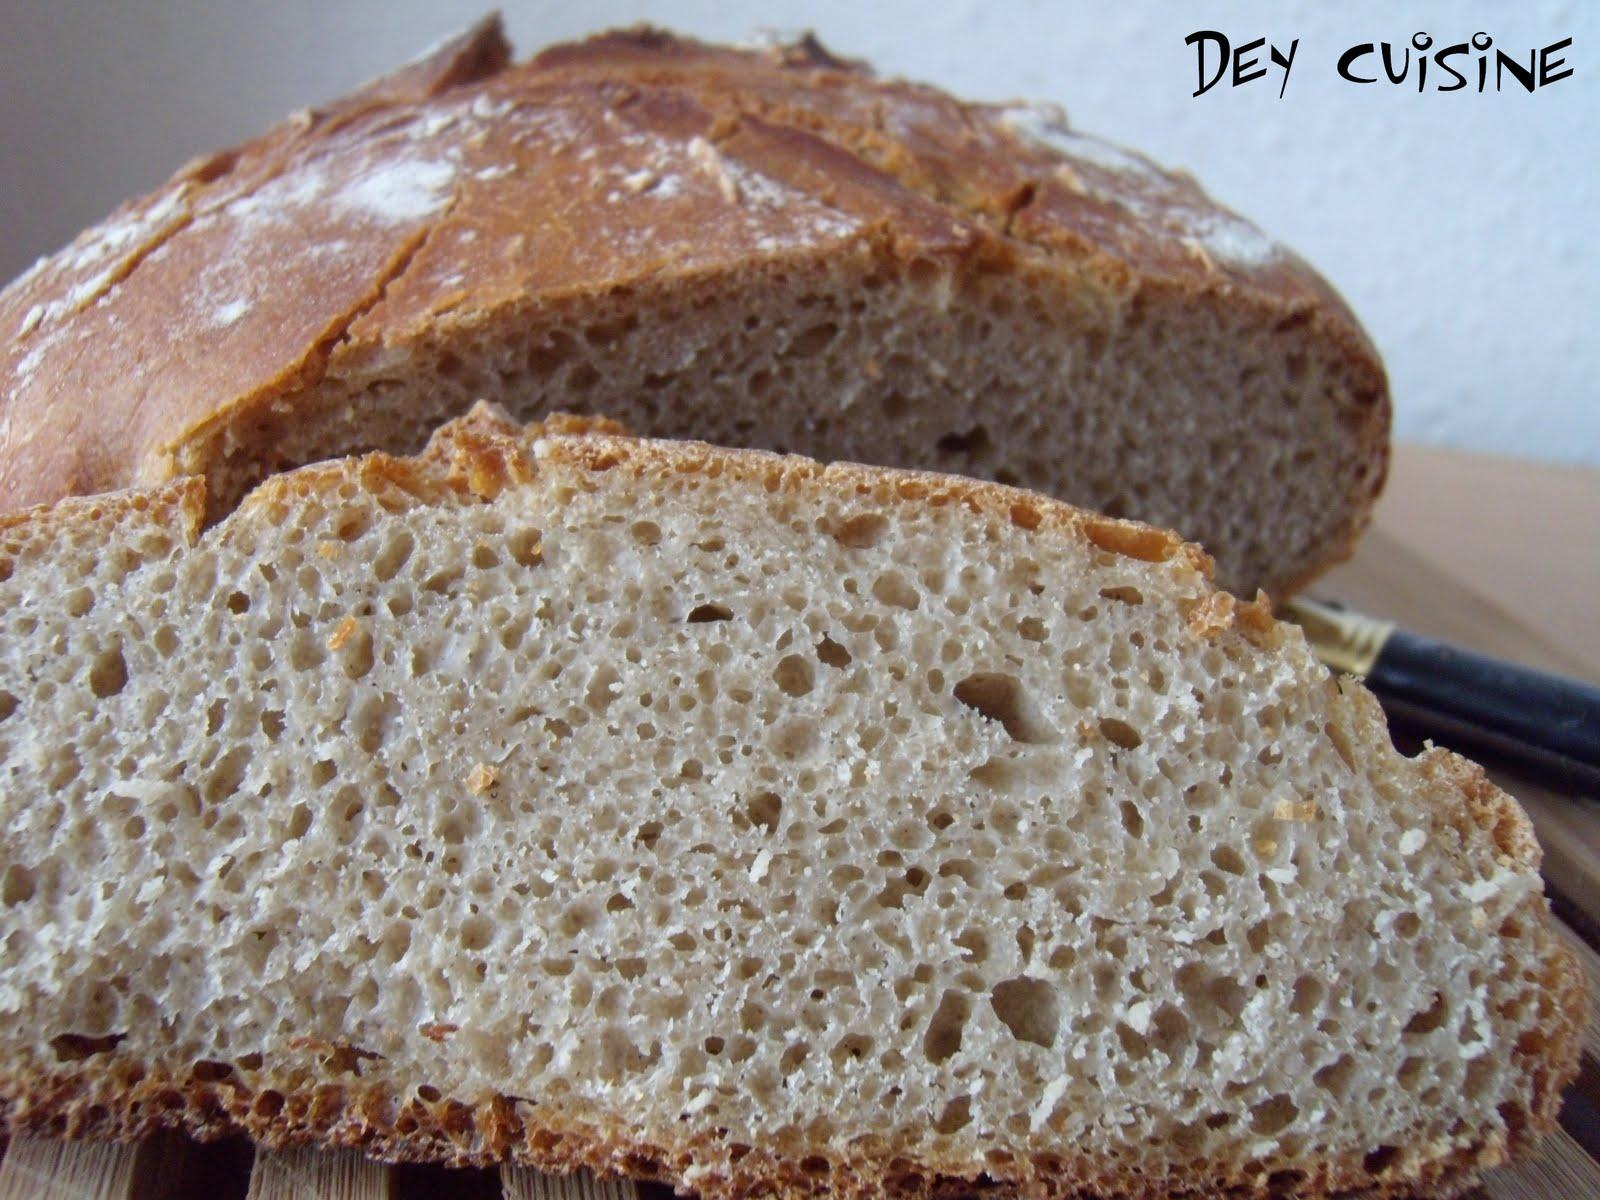 dey cuisine le pain maison c 39 est bon pain complet au. Black Bedroom Furniture Sets. Home Design Ideas